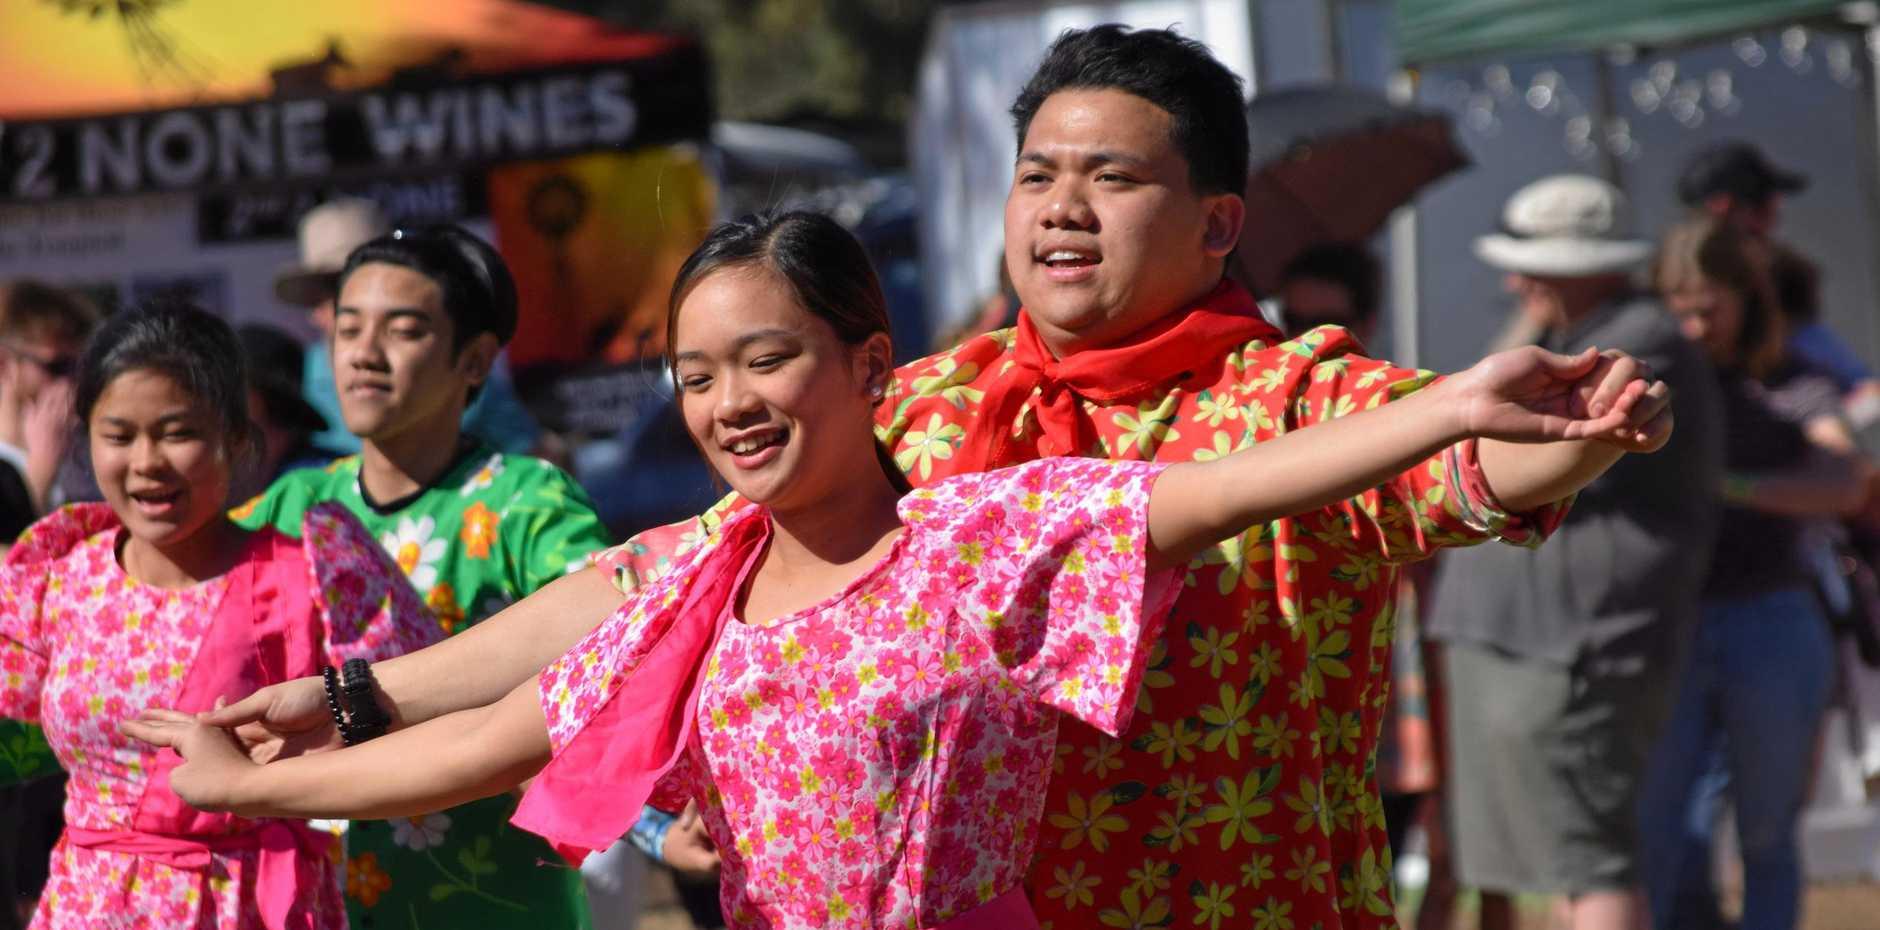 5 things to do around the region | Chinchilla News